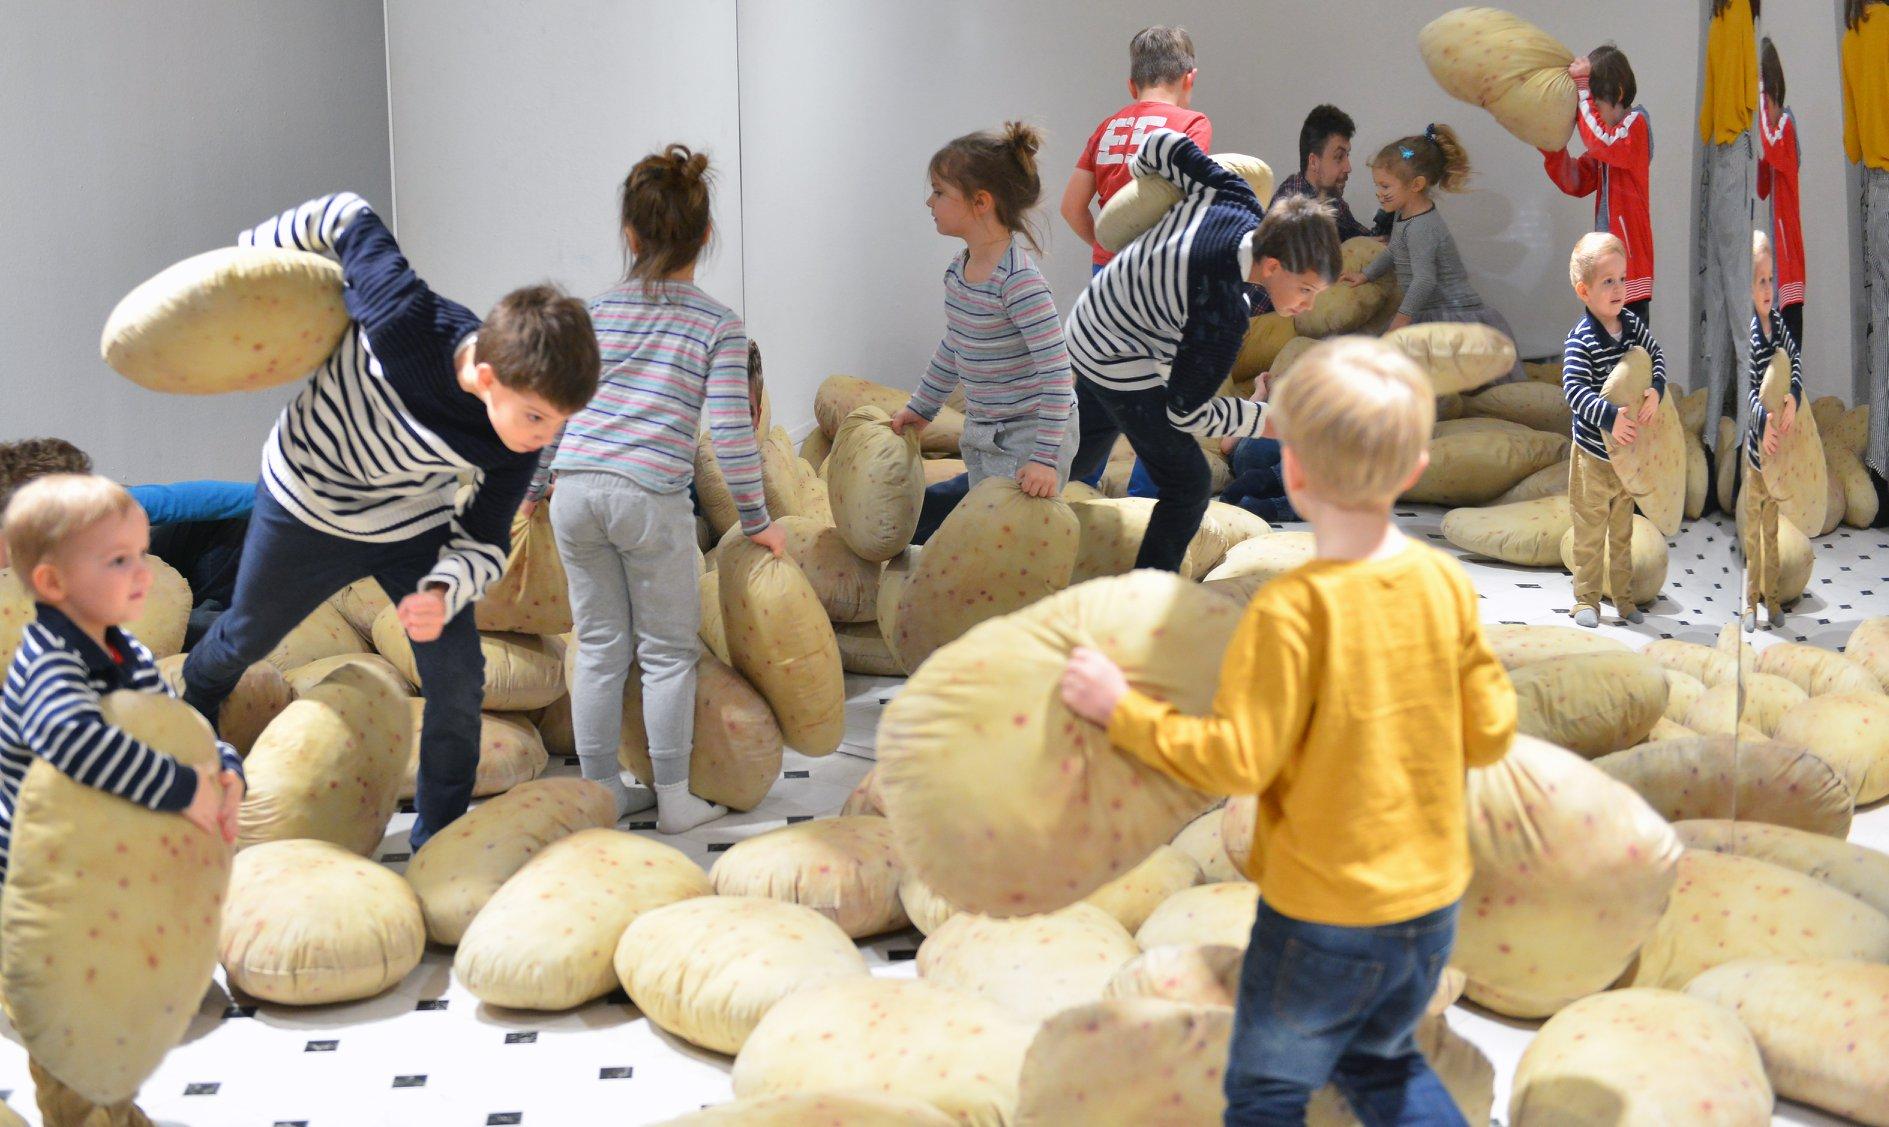 """Wystawa """"Wszystko widzę jako sztukę"""". Na zdjęciu grupa dzieci bawi się wielkimi poduchami ziemniakami."""